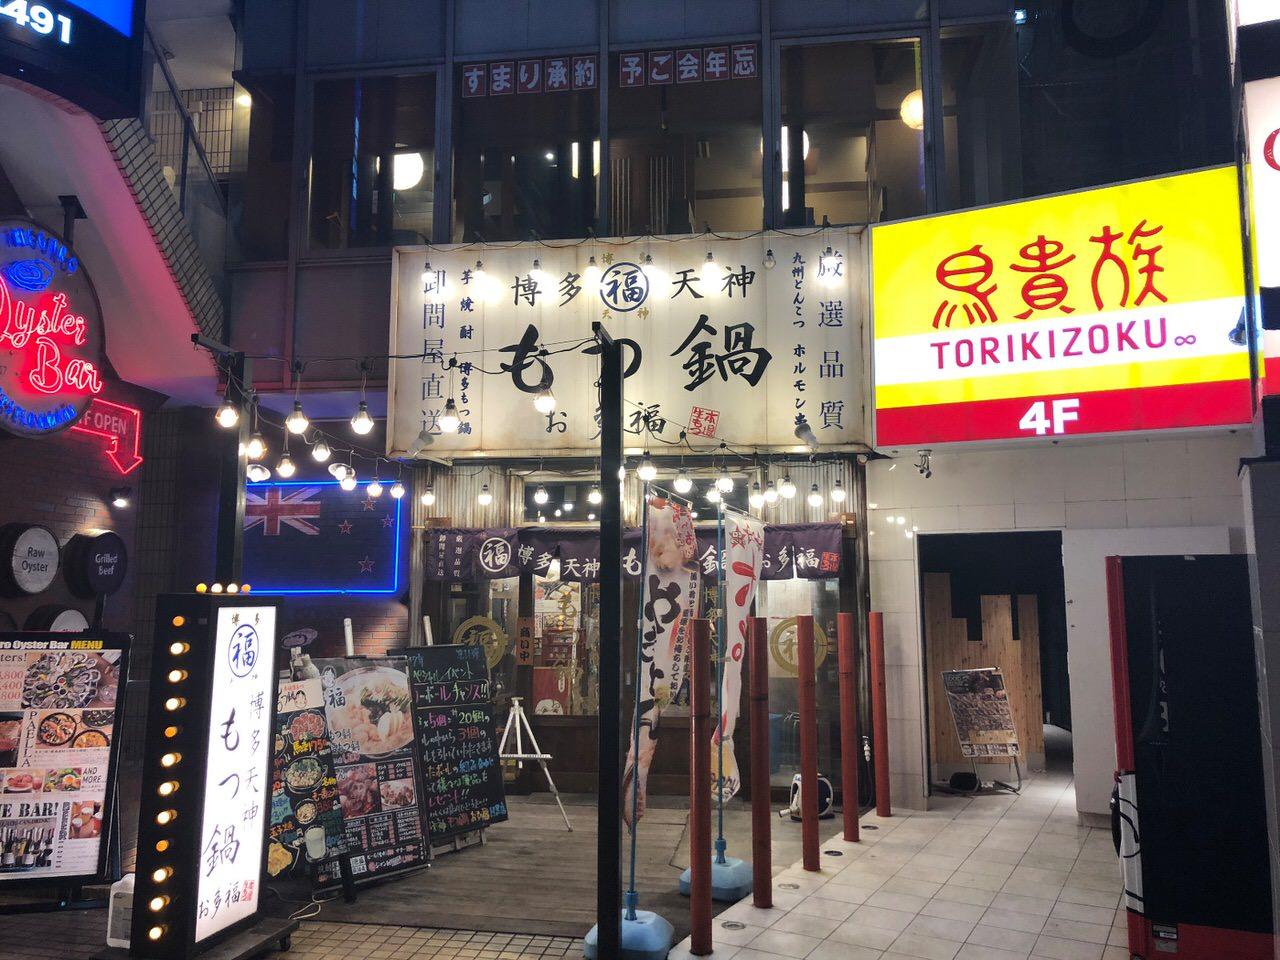 「博多天神 もつ鍋 お多福 目黒店」ぶりんぶりんのモツだけでなく焼きとんや天ぷら、唐揚げも美味い!